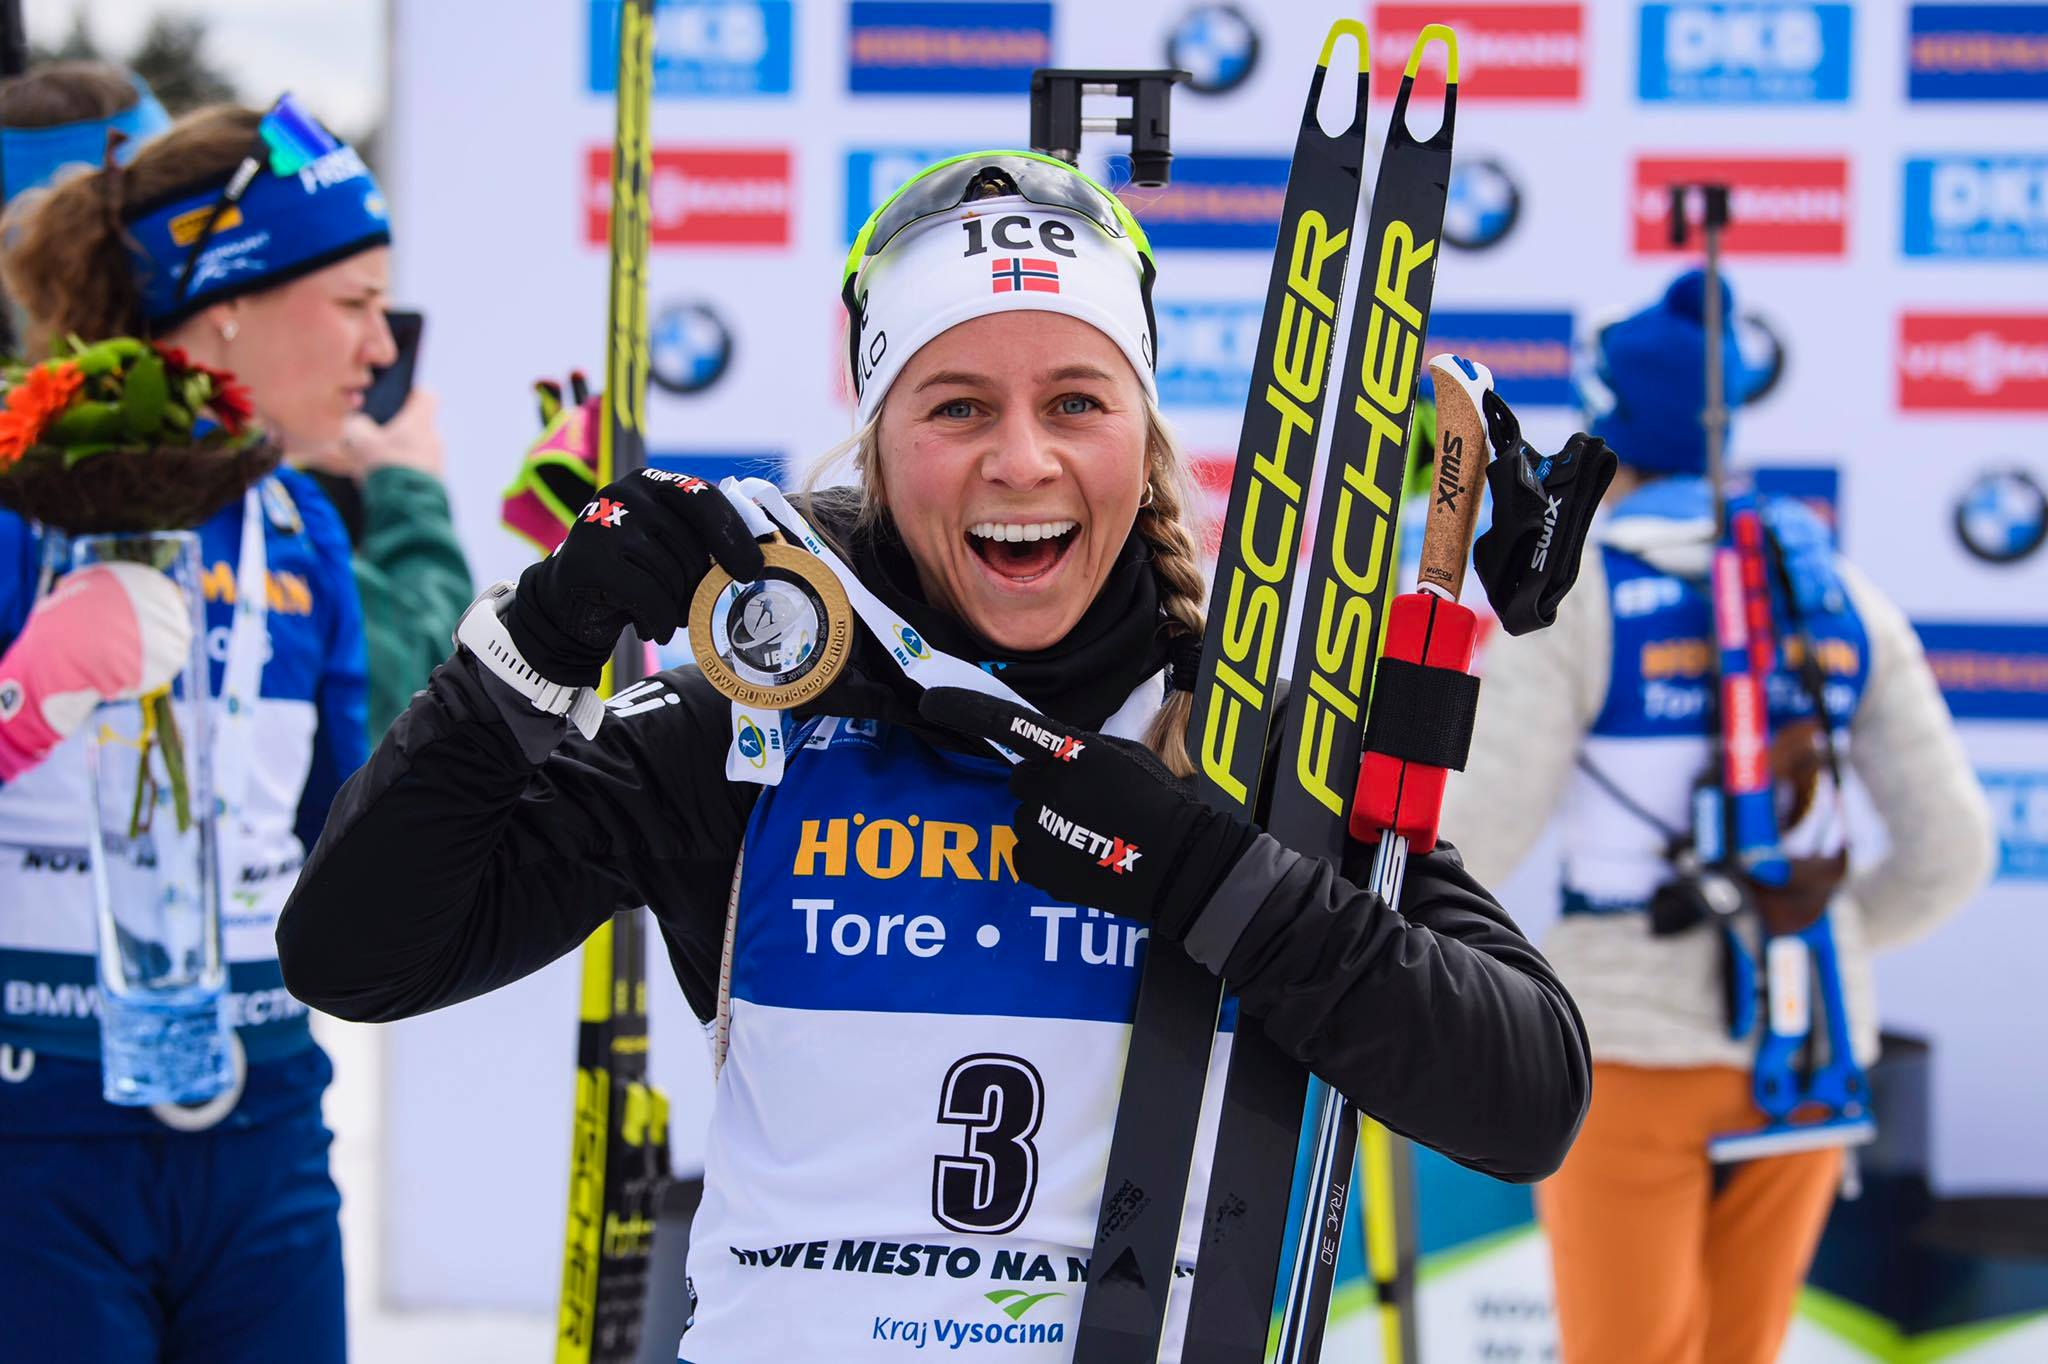 Norwegen siegt auch in beiden Massen Starts